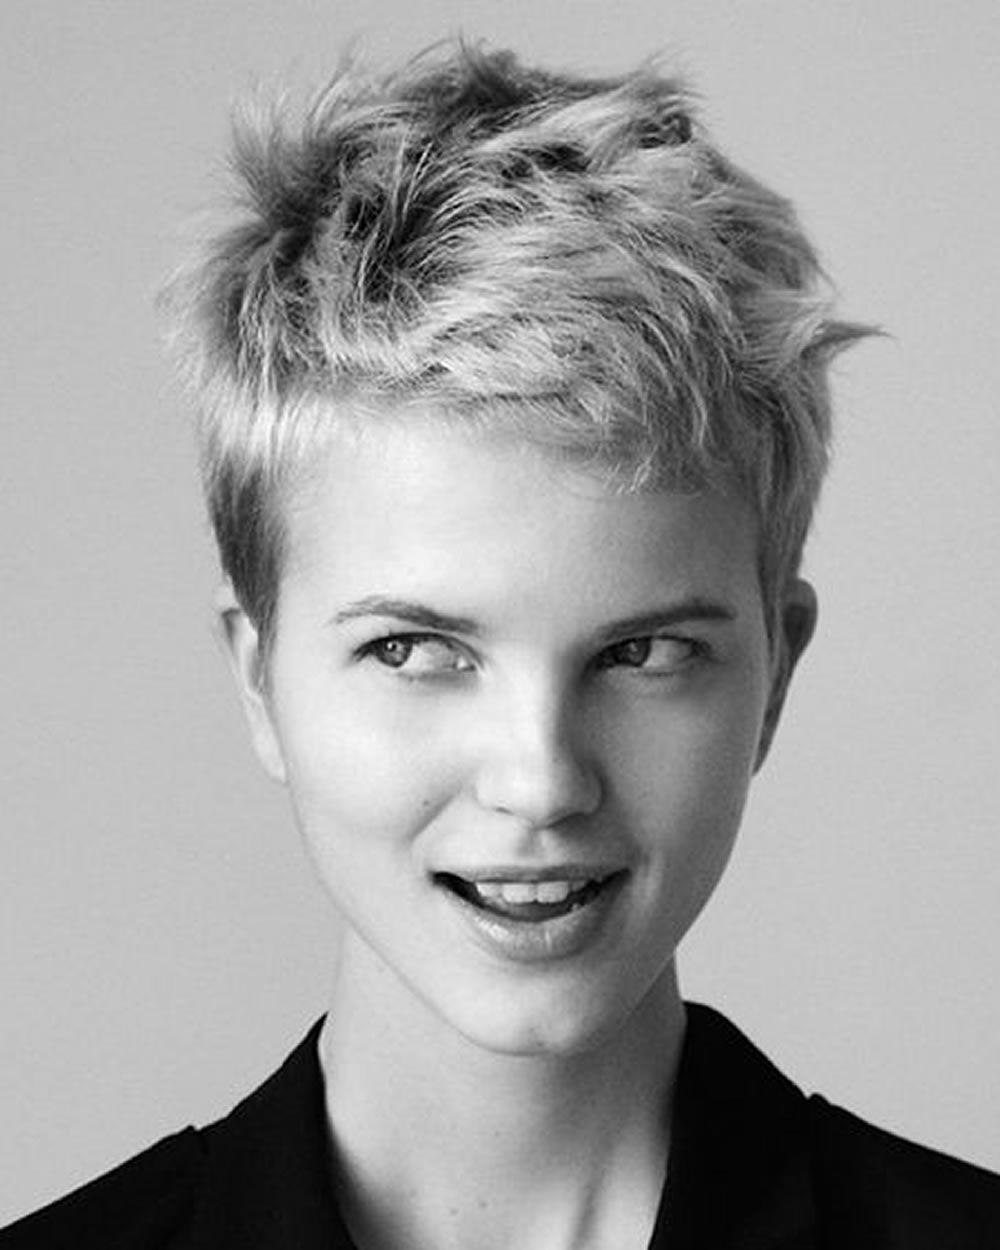 super short pixie haircuts 2017 - haircuts models ideas